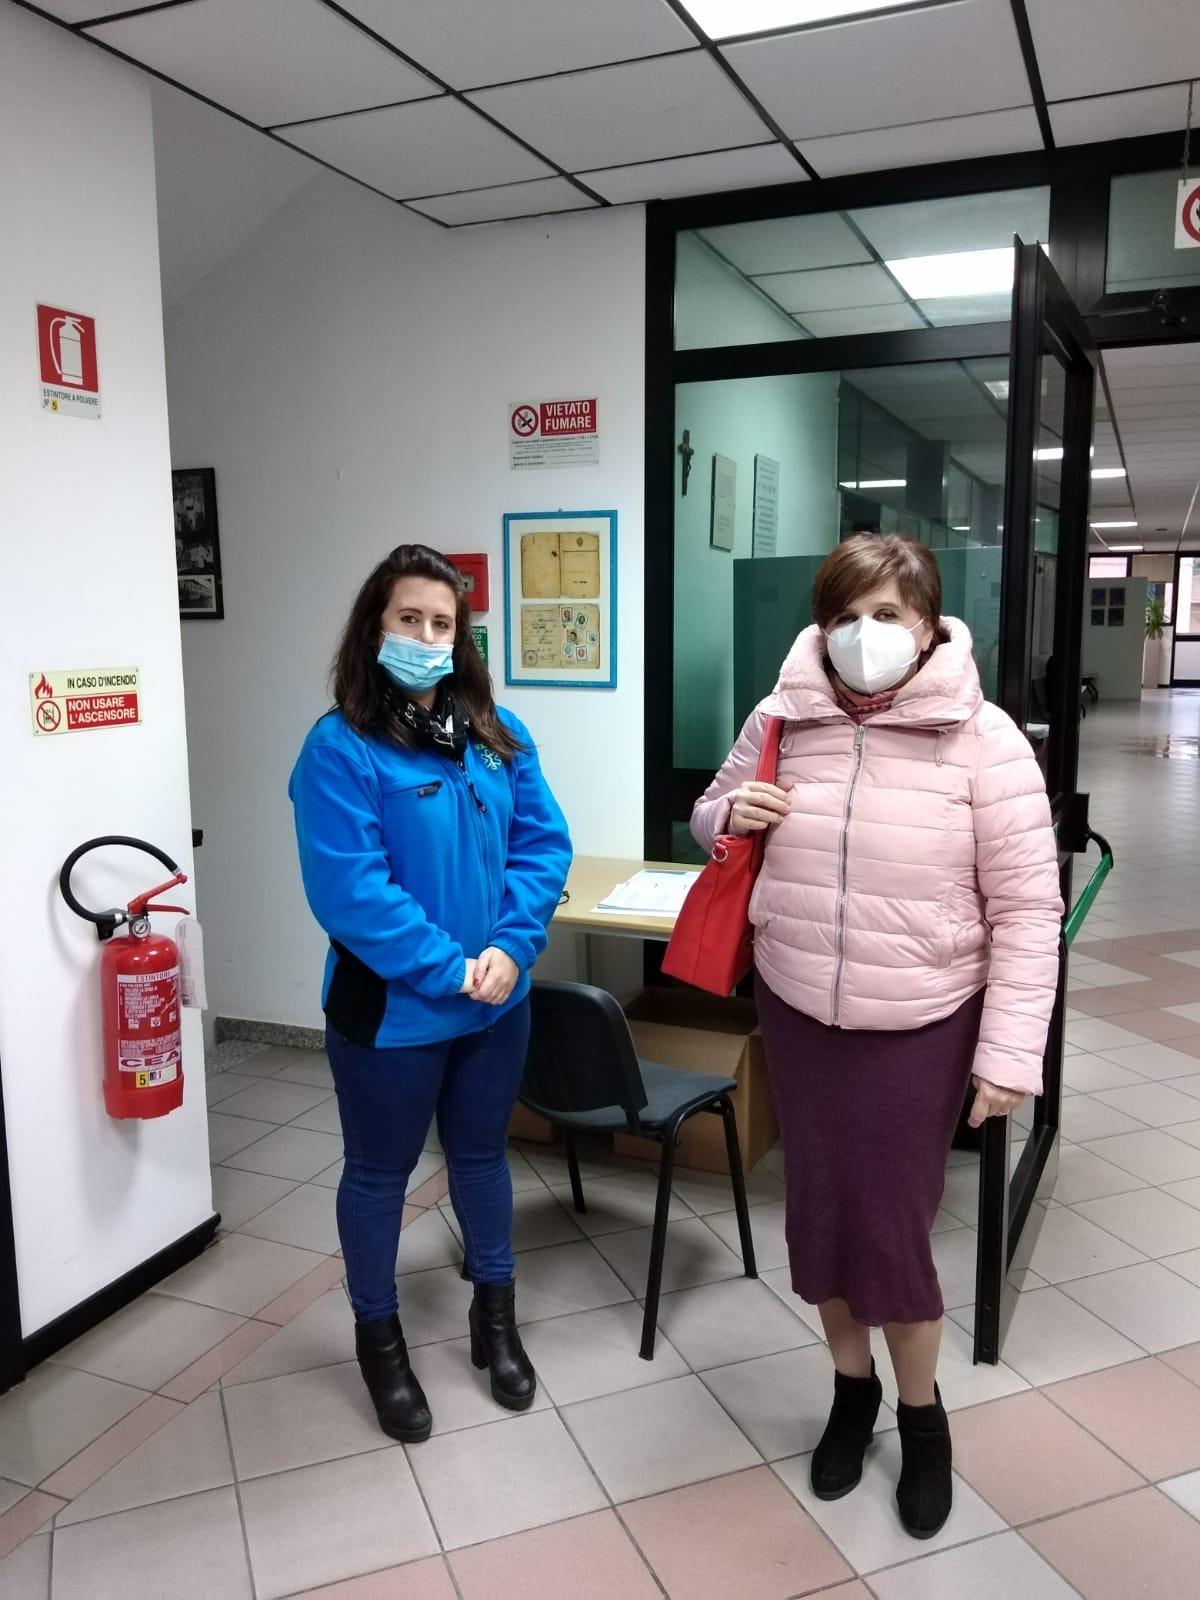 Coronavirus: a Pieve a Nievole arrivano i test sierologici gratuiti